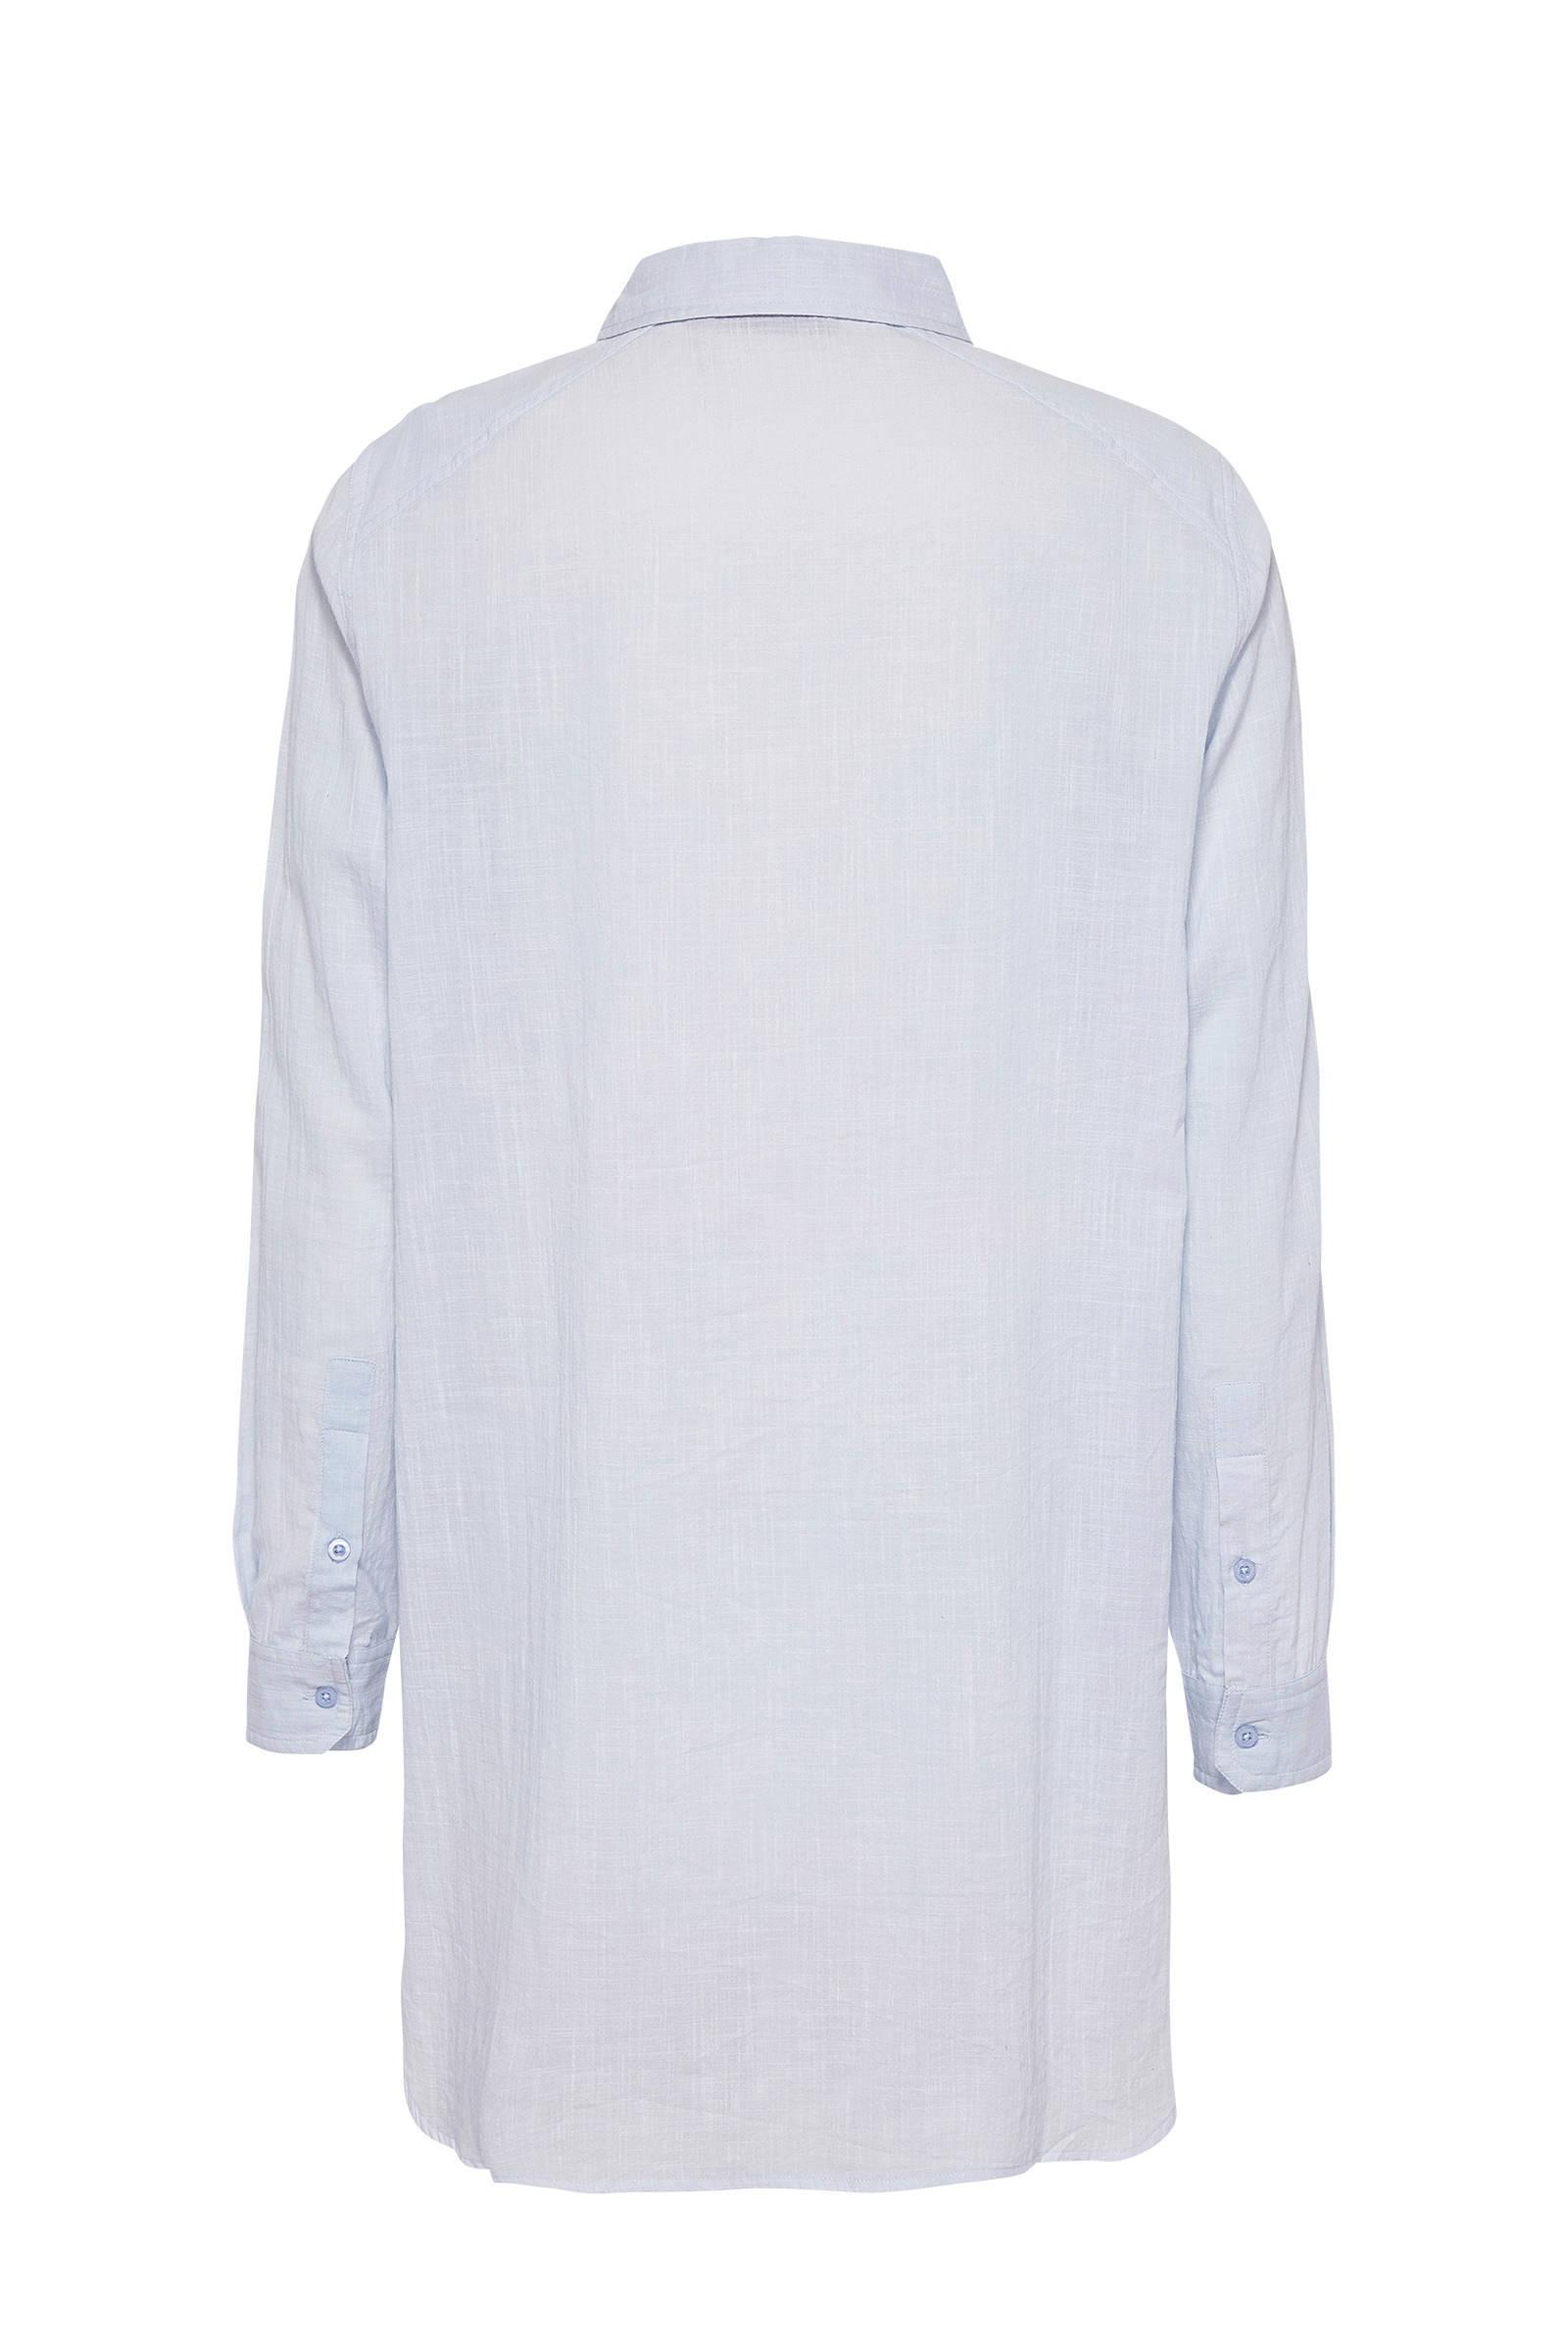 blouse Didi blouse met borstzakje Didi met nqwT6Tp4